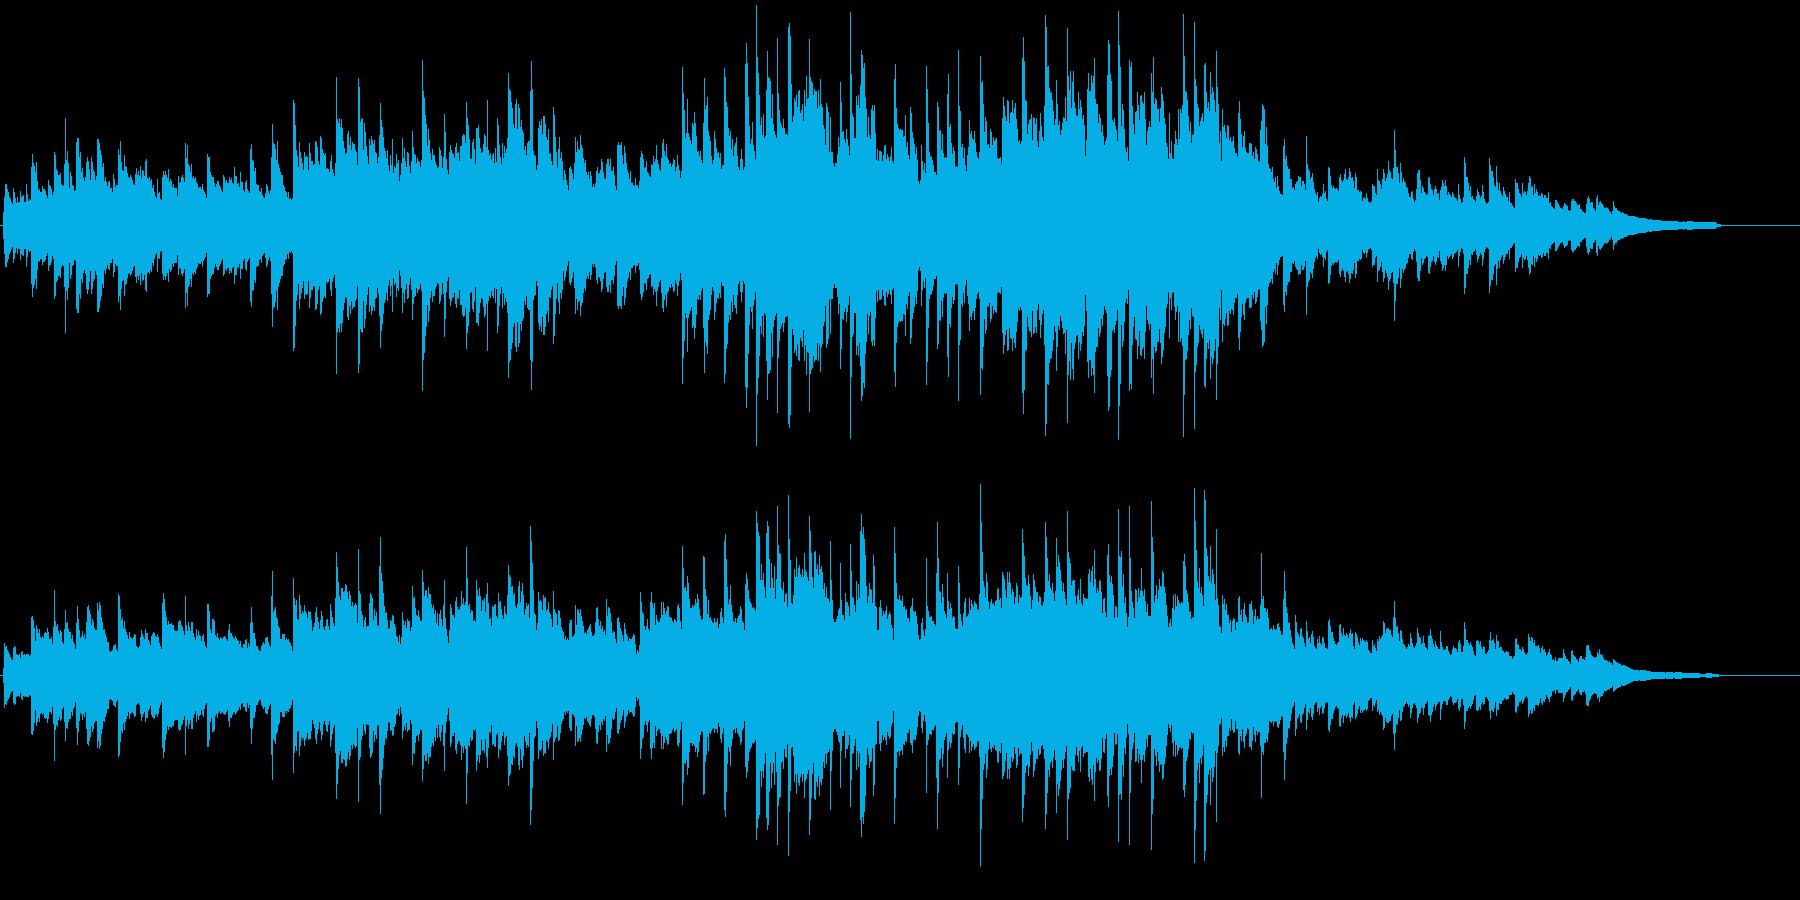 川のせせらぎを感じる涼しげなピアノソロの再生済みの波形